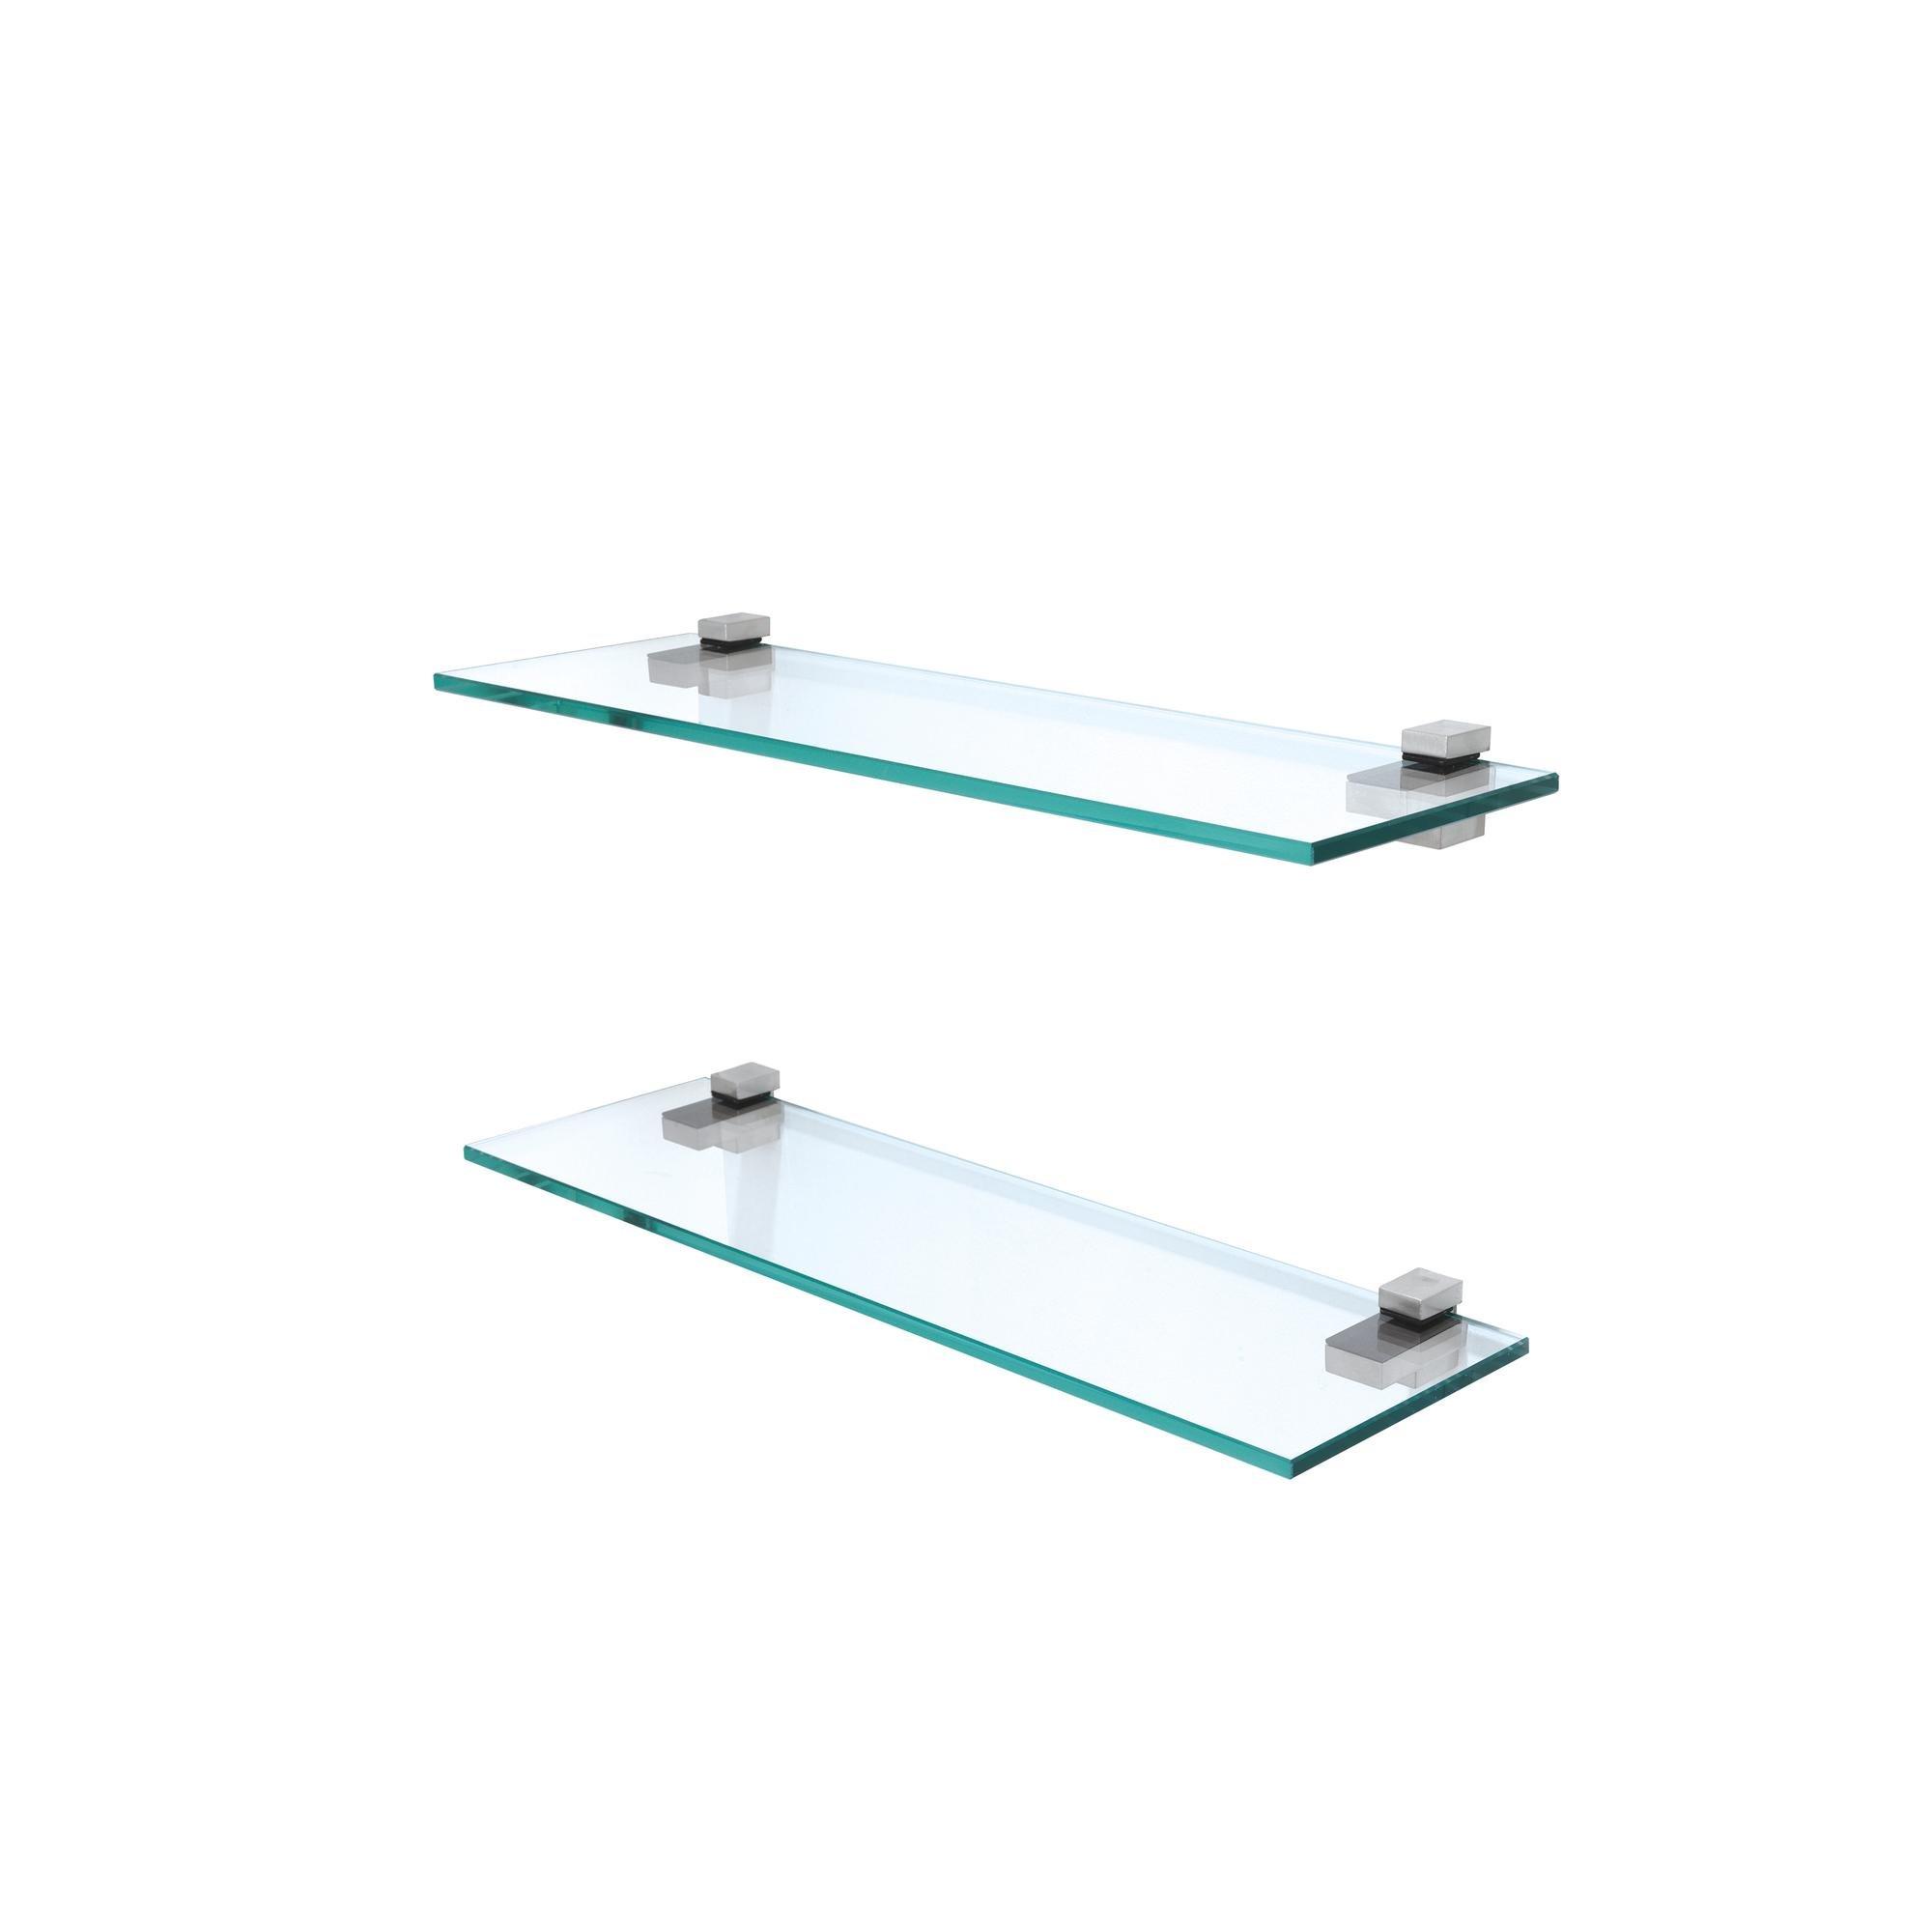 Mensola in vetro trasparente temperato ANGOLO rettangolo 50cm